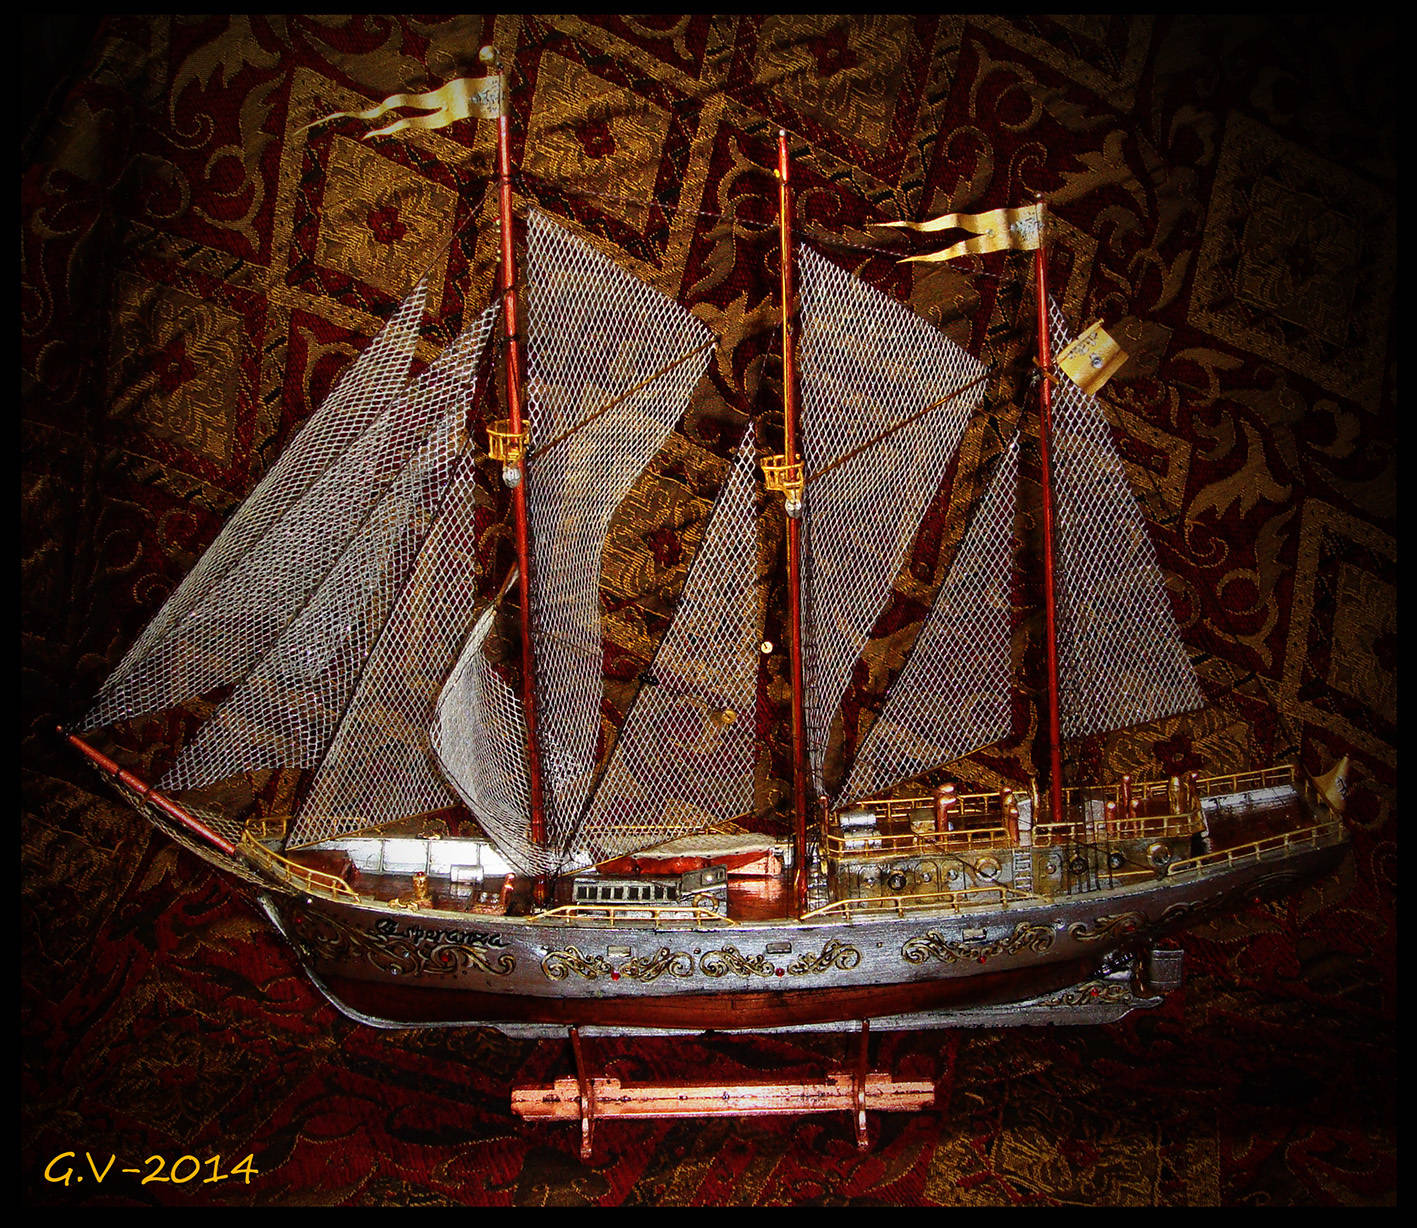 """фантазийный кораблик """"Esperanza""""от исп. """"Надежда""""2014 длина 43см. высота 37см. ширина 12см."""